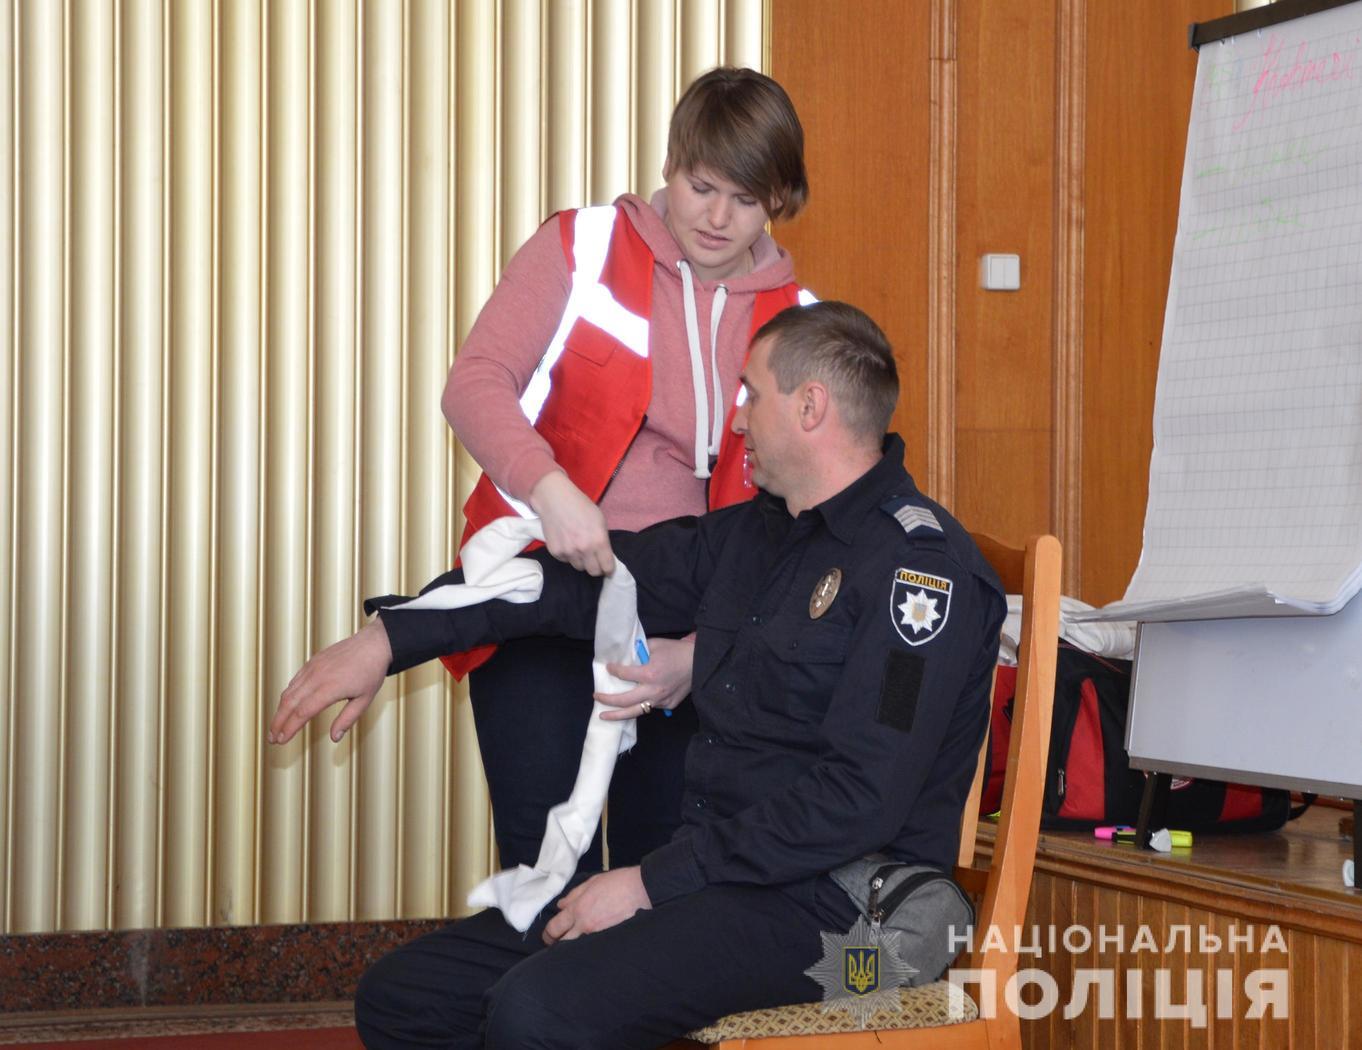 Волинських поліцейських навчали рятувати життя. ФОТО